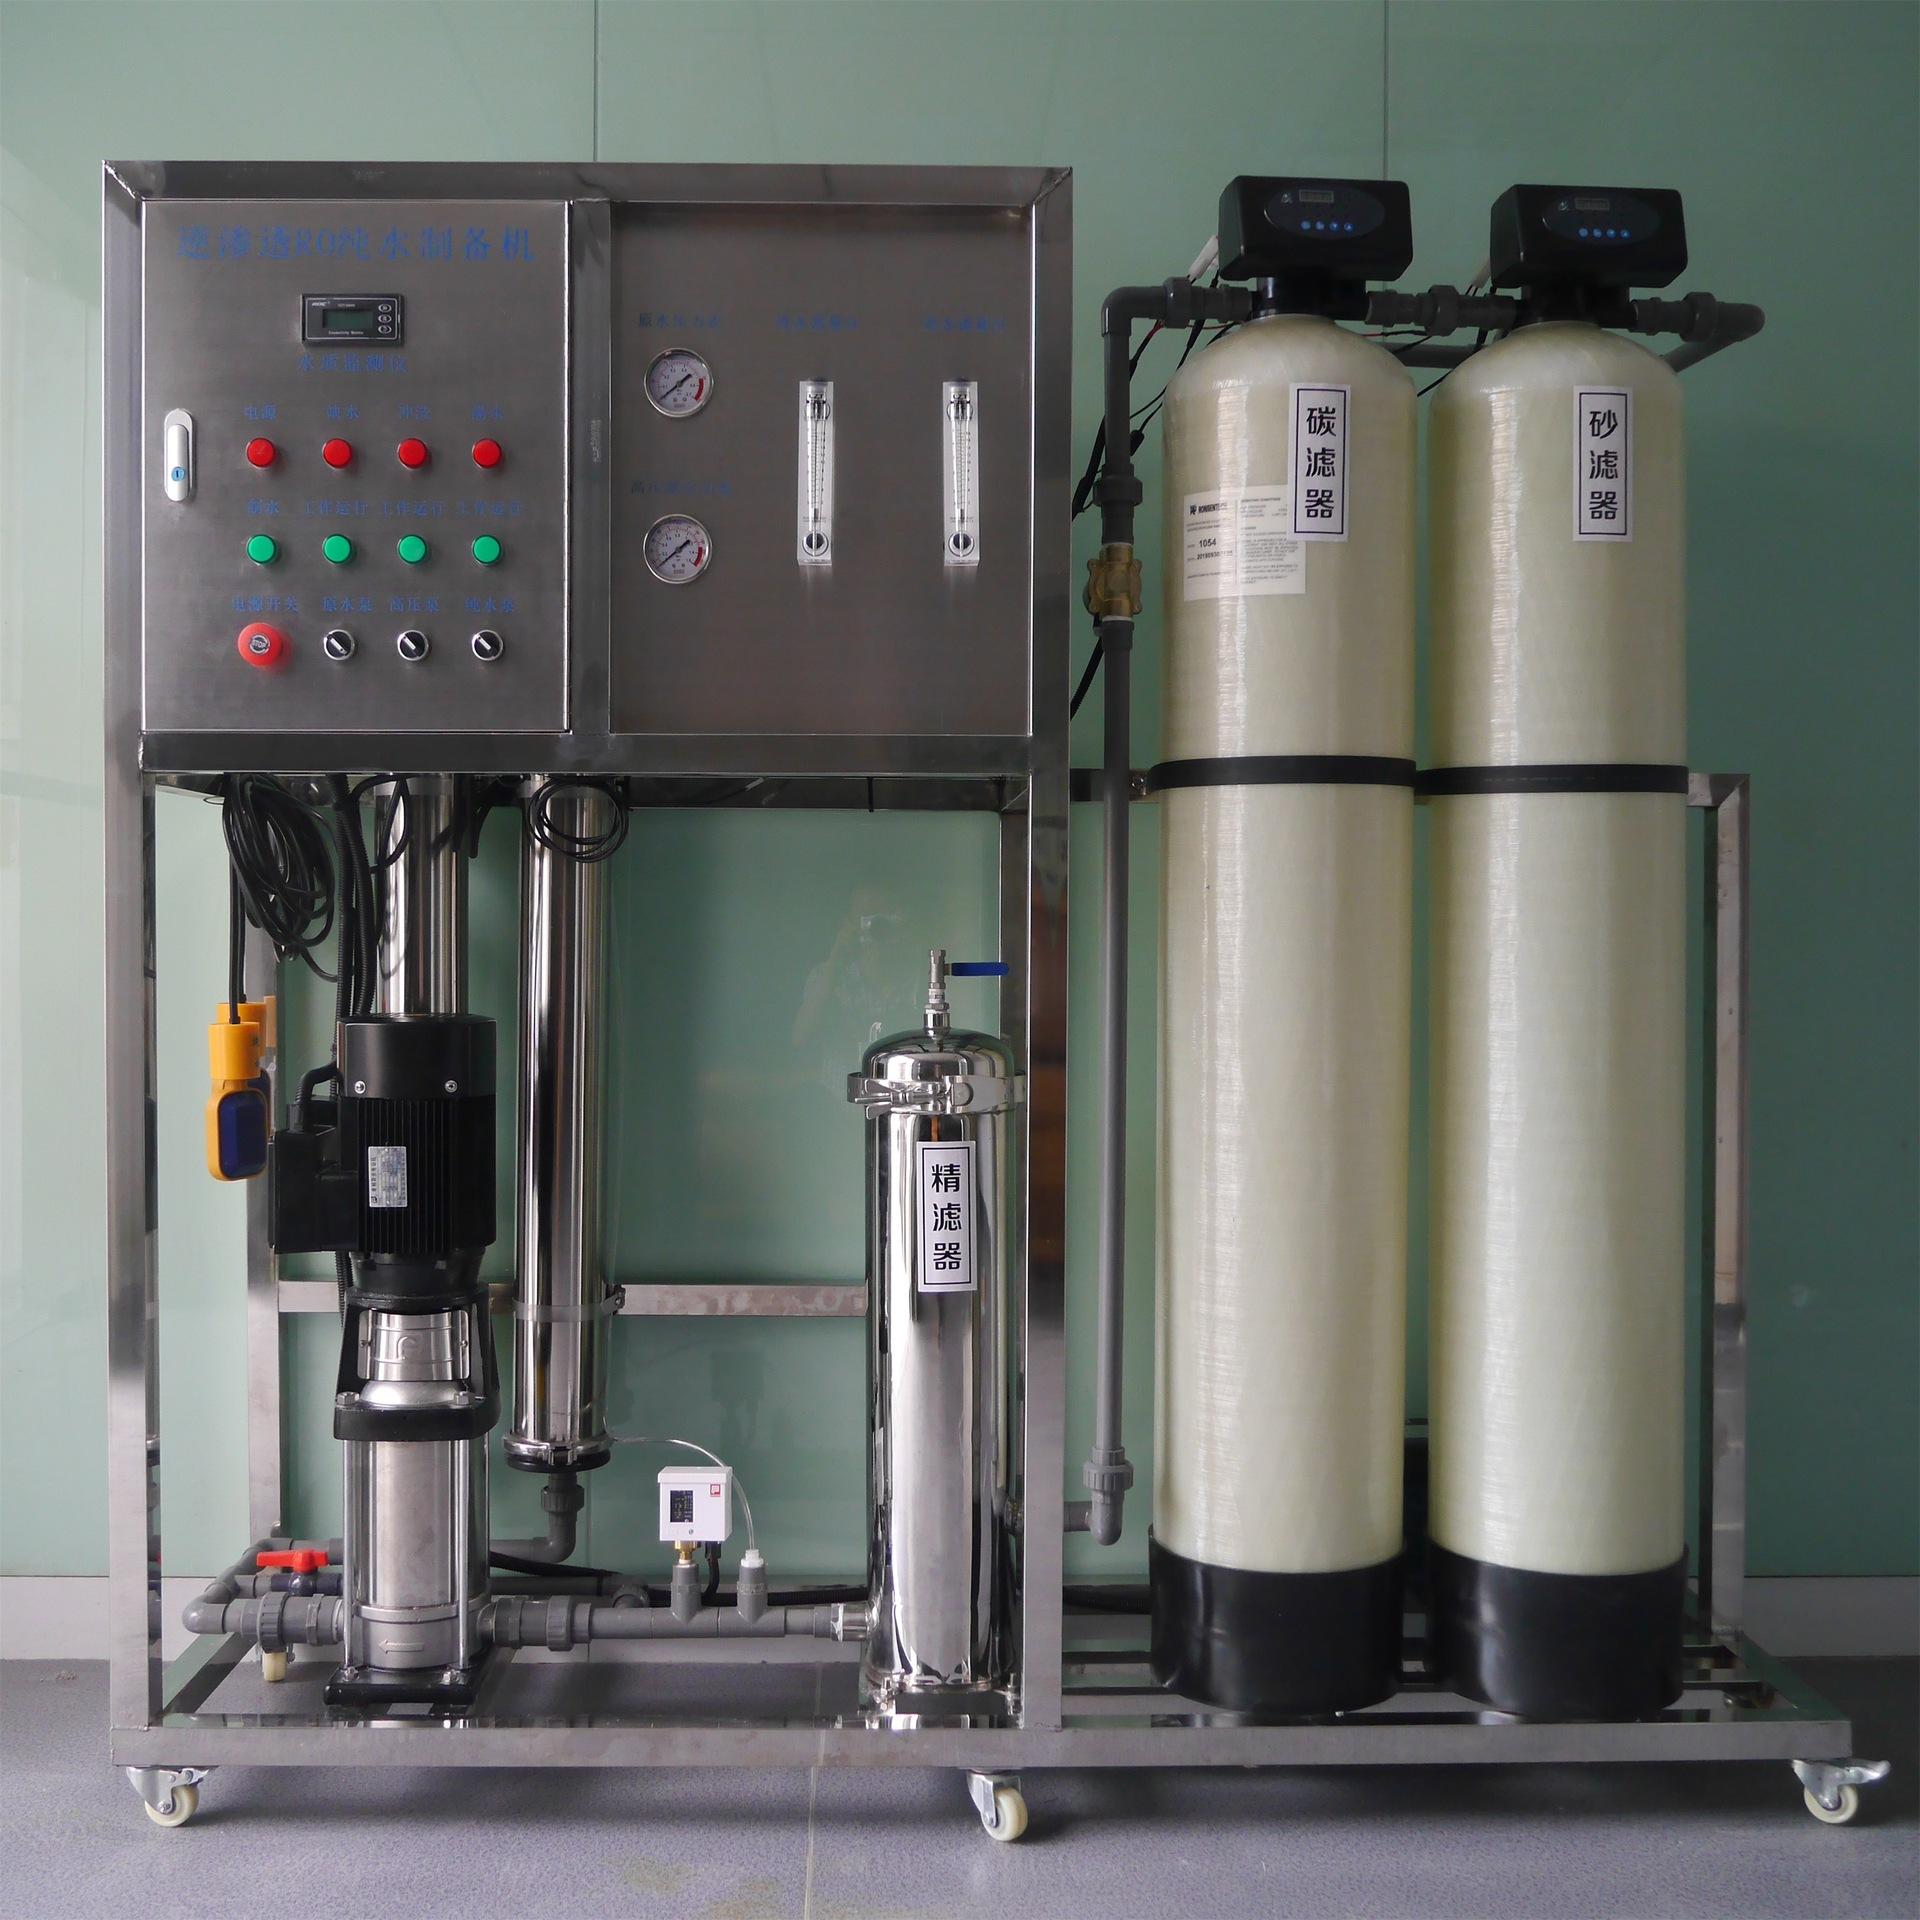 0.5吨纯水设备佳健成0.5吨RO反渗透纯净水设备工厂学校纯水设备